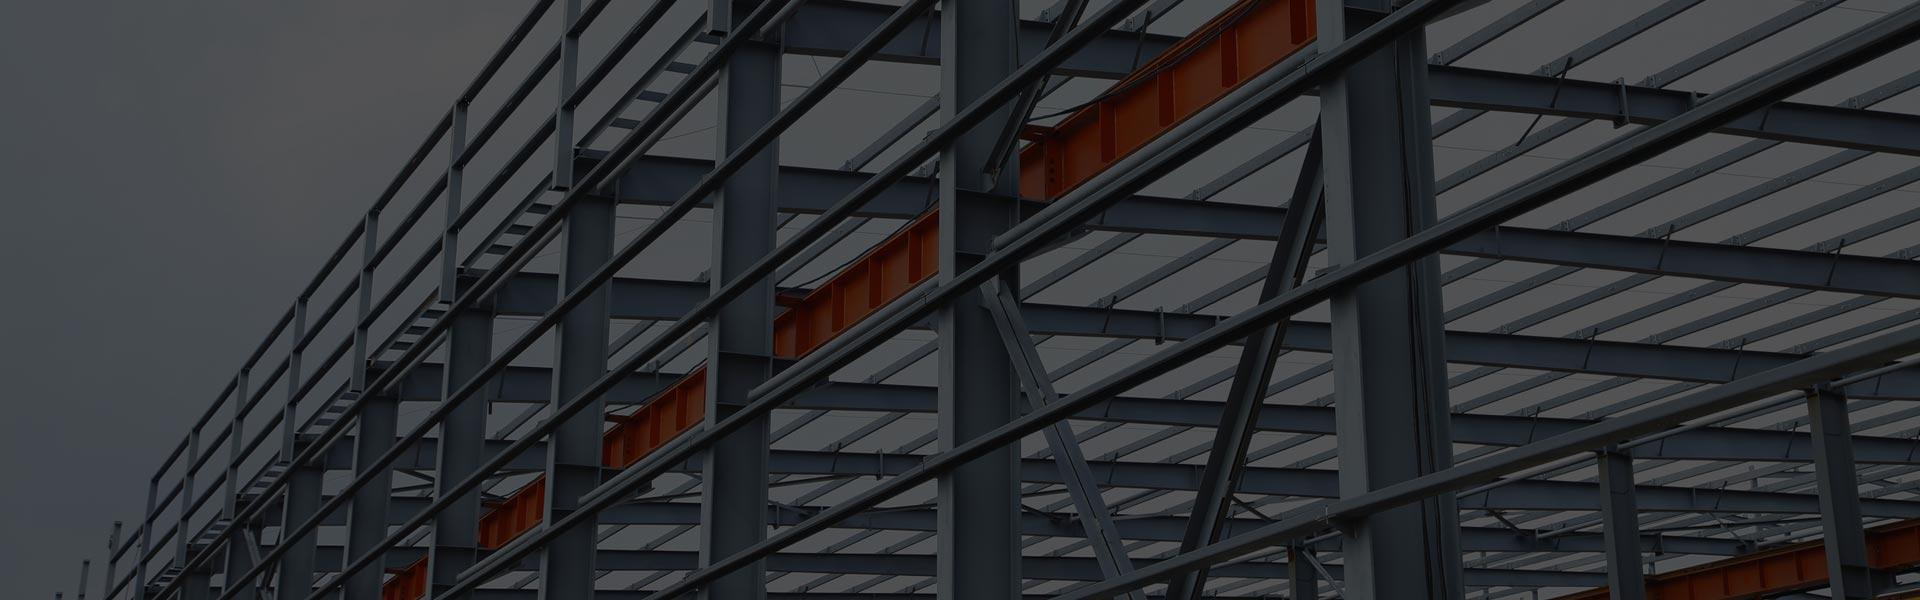 Ingenieure für Industriebau und Stahlkonstruktion